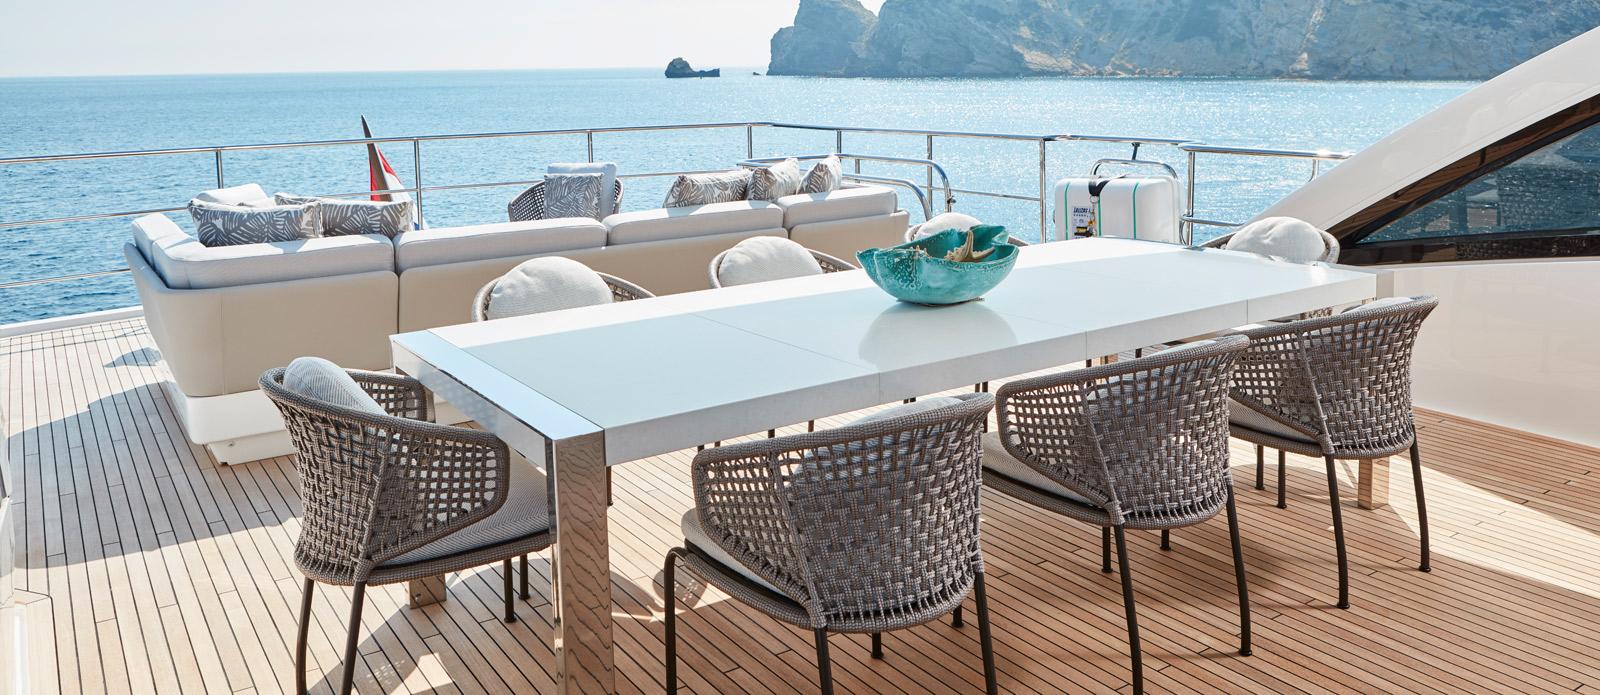 Princess 30 Metre Yacht Bandazul - Flybridge Dining Area